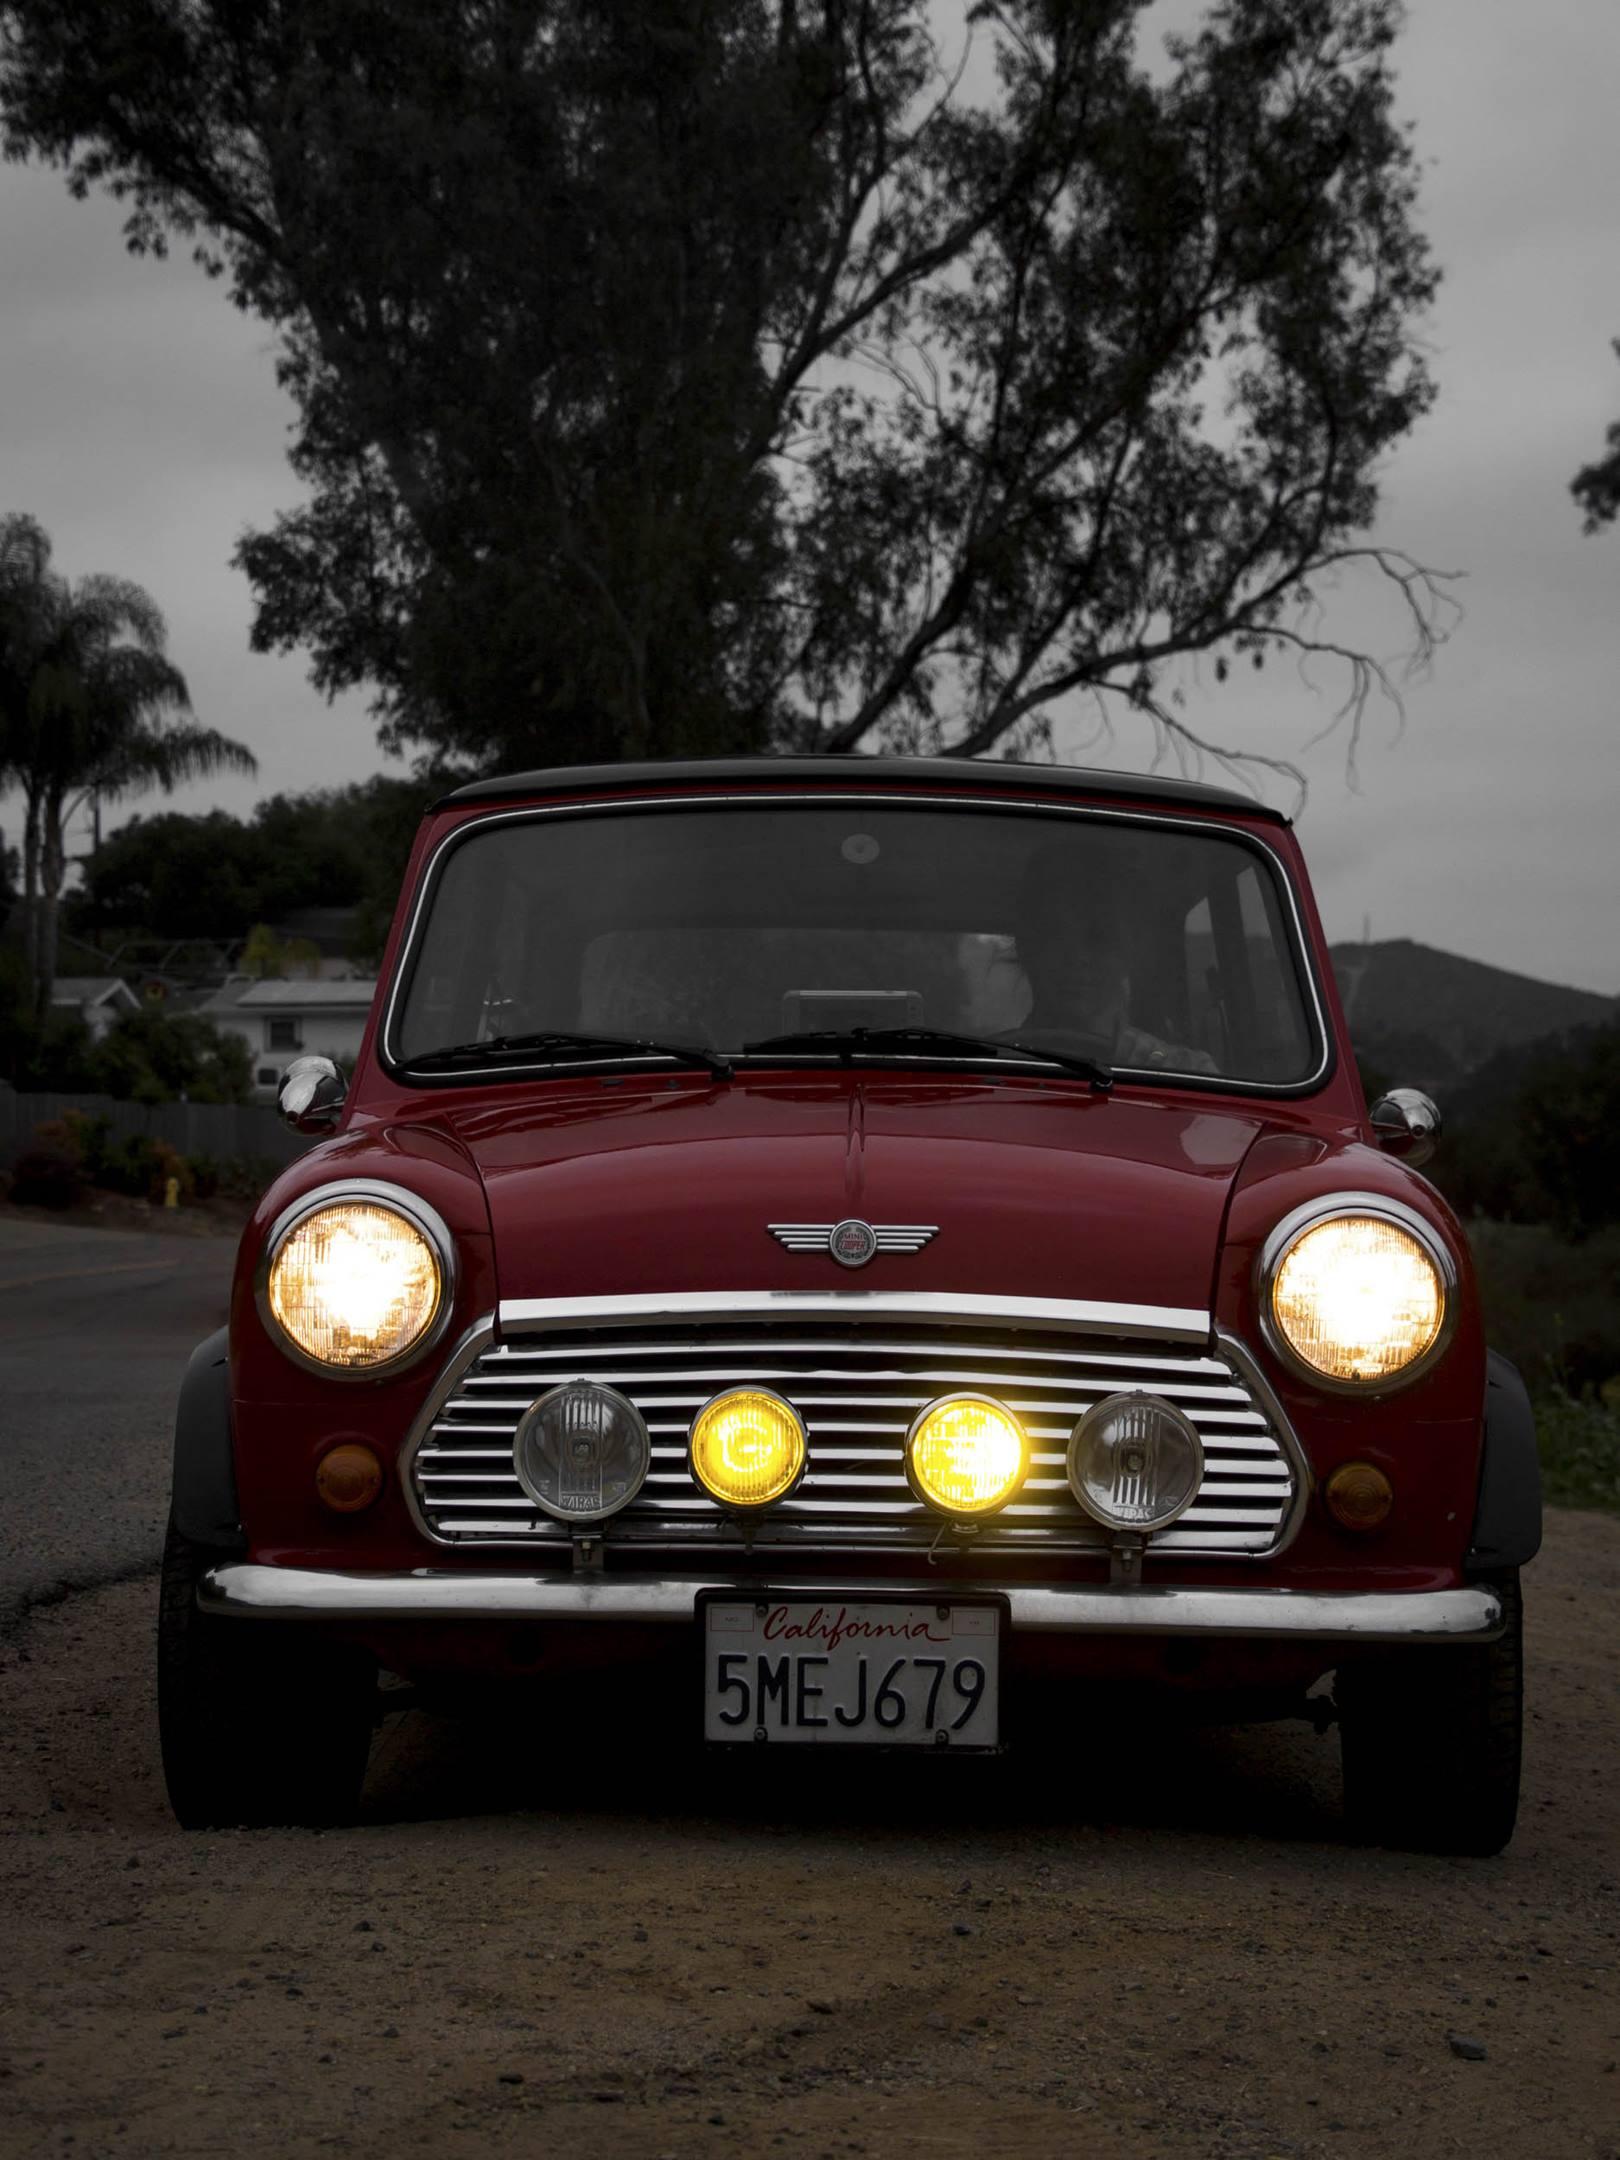 1973 Mini Cooper lights on